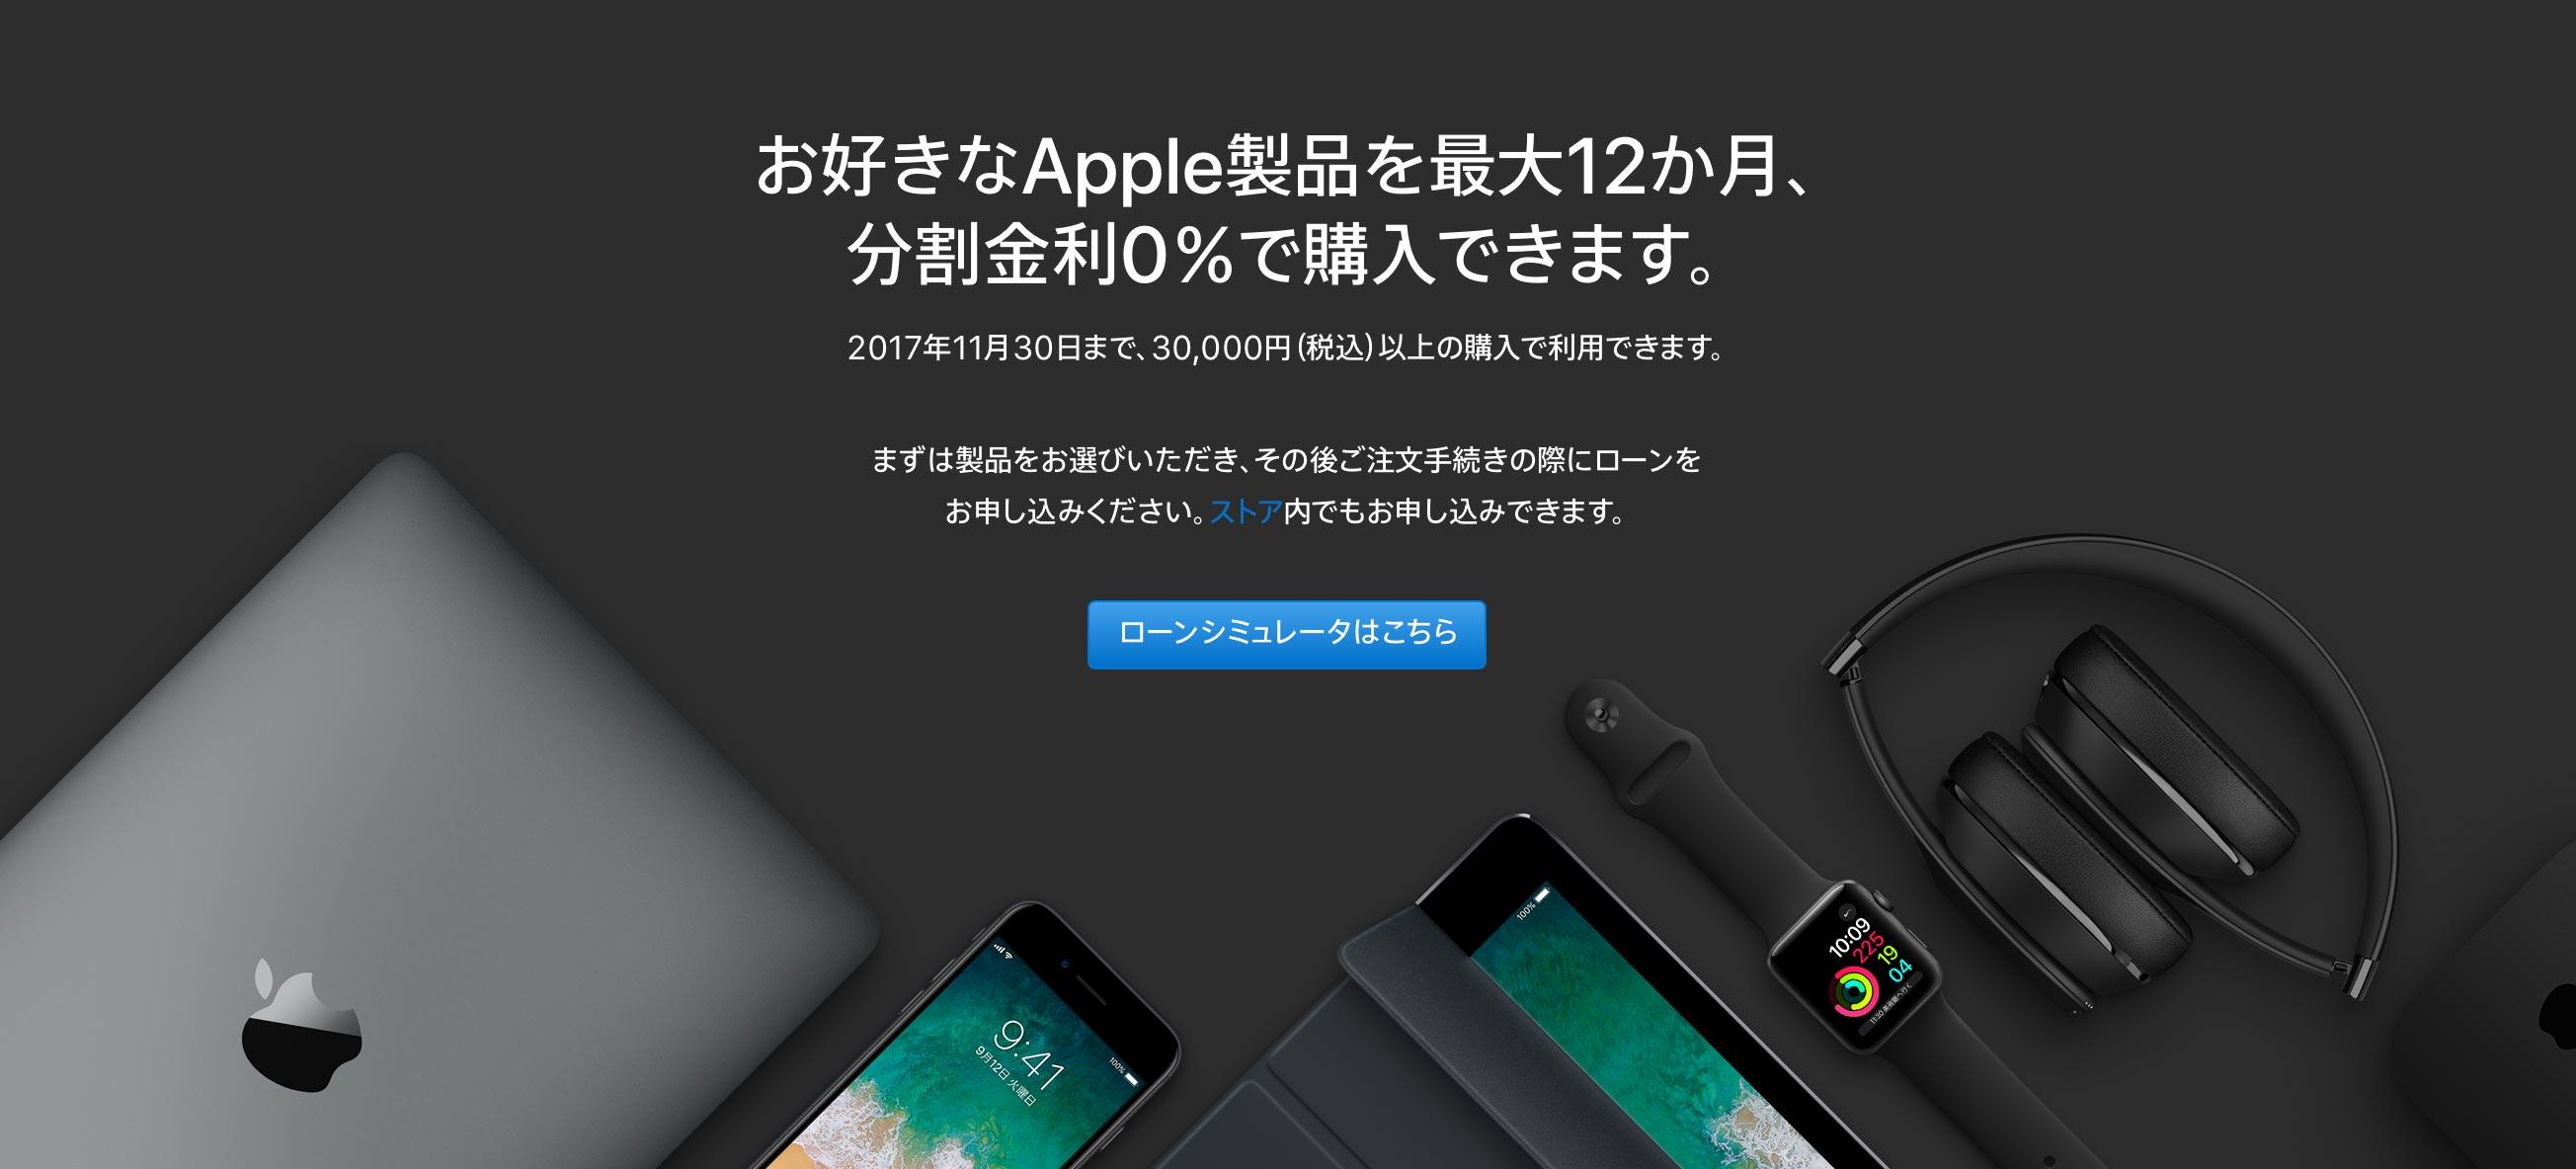 Apple、「ショッピングローン 12回払い特別分割金利0%キャンペーン」を2017年11月30日までに延長